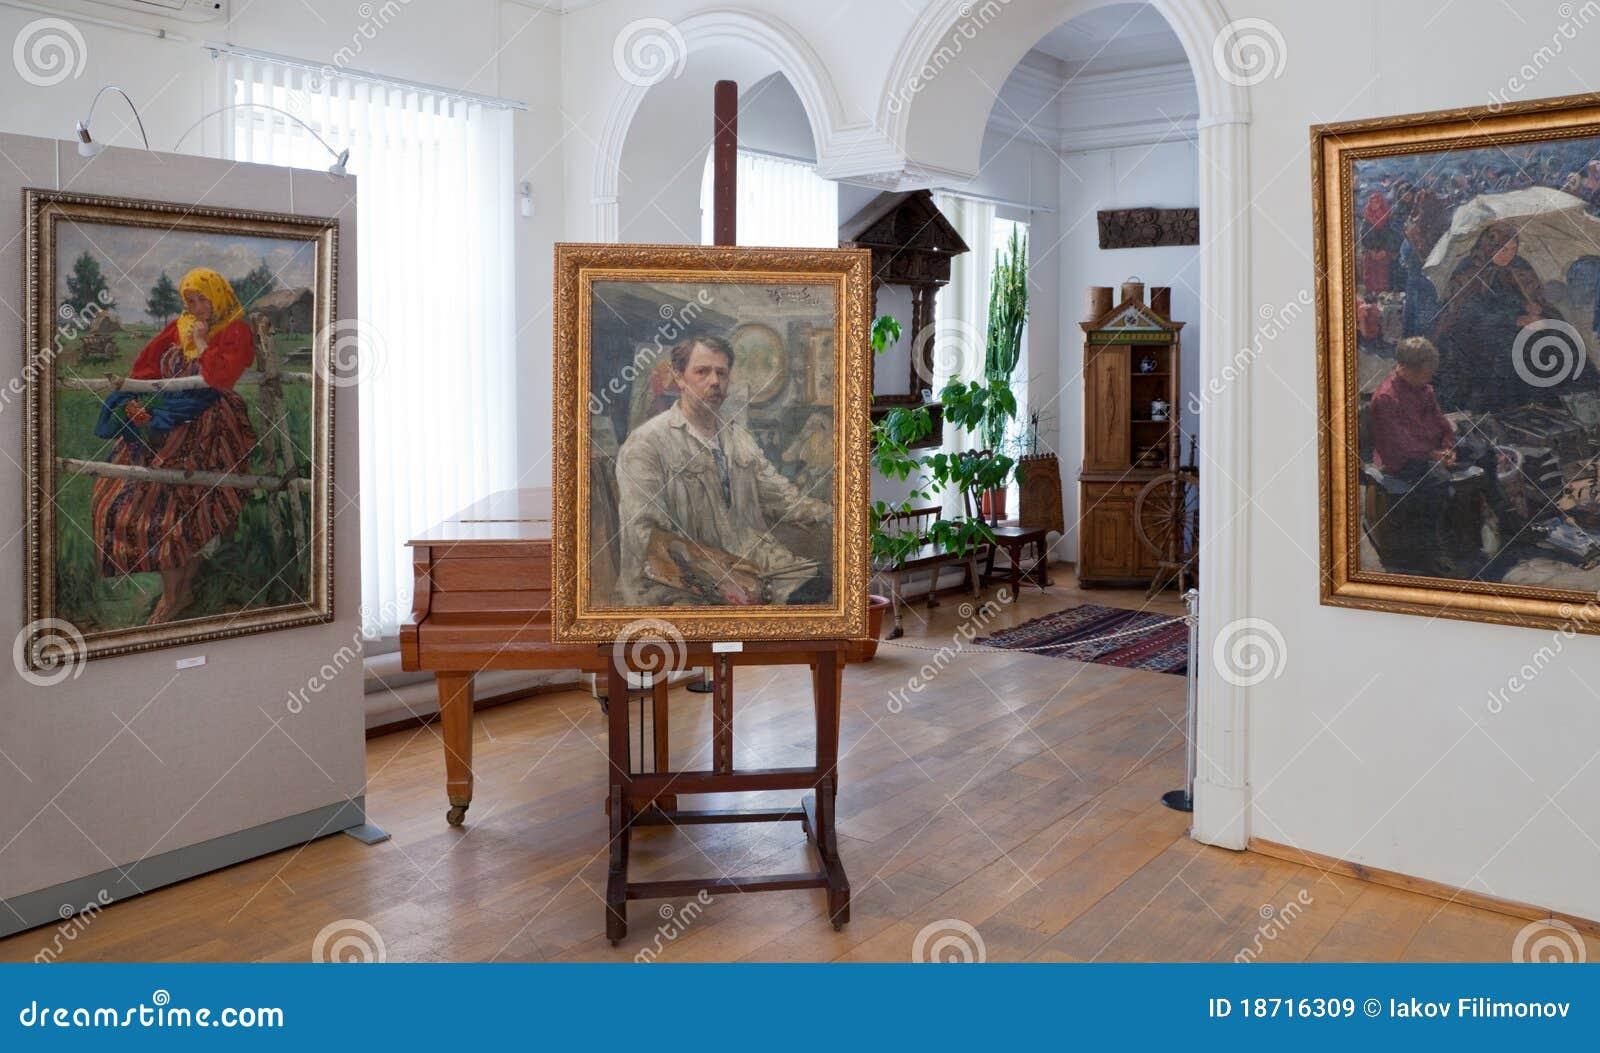 Galery door kunstenaar Ivan Kulikov (1875-1941)